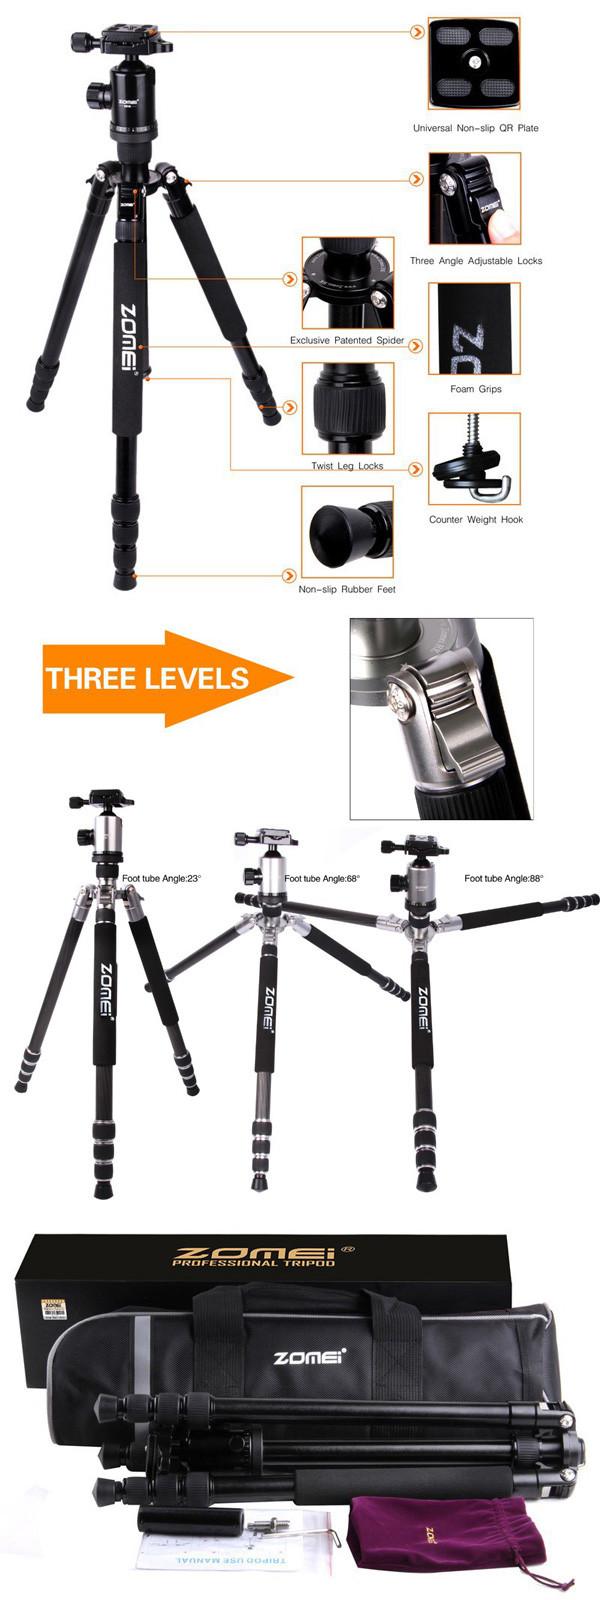 ZOMEIDSLRカメラ用ボールヘッドとクイックリリースプレート付きZ818三脚一脚168.5cm高さ最大荷重18kg